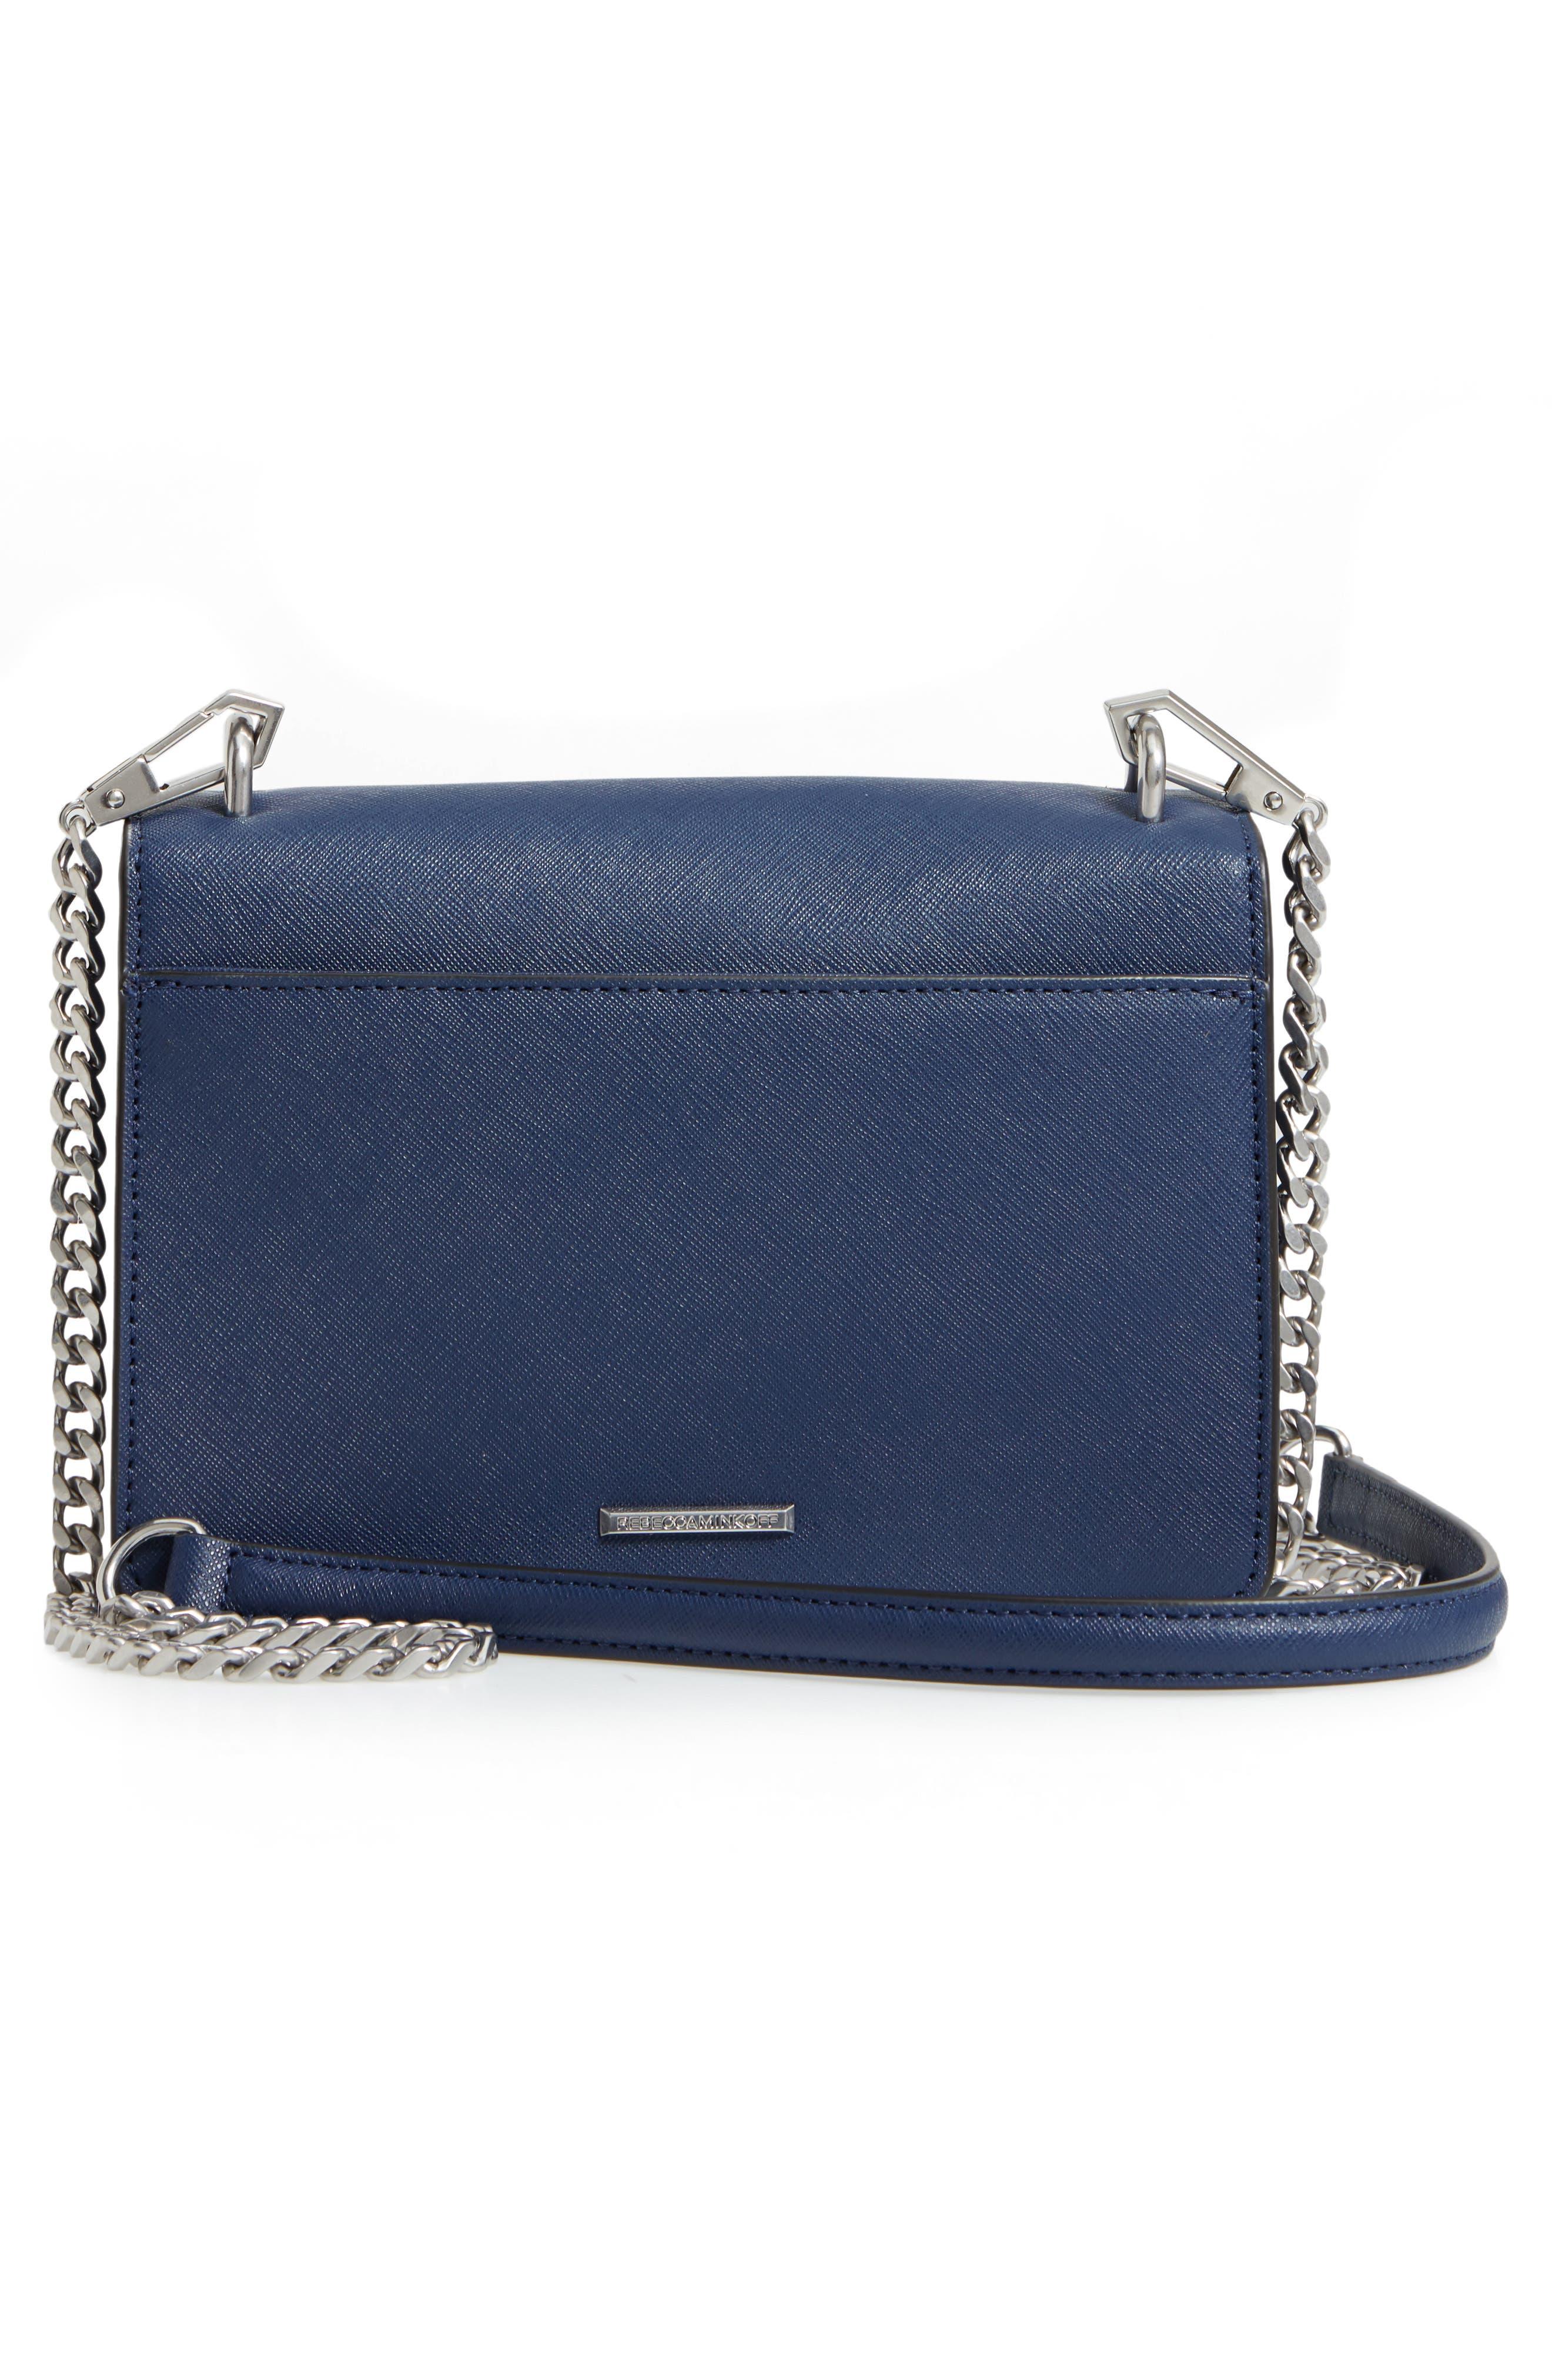 Medium Christy Leather Shoulder Bag,                             Alternate thumbnail 13, color,